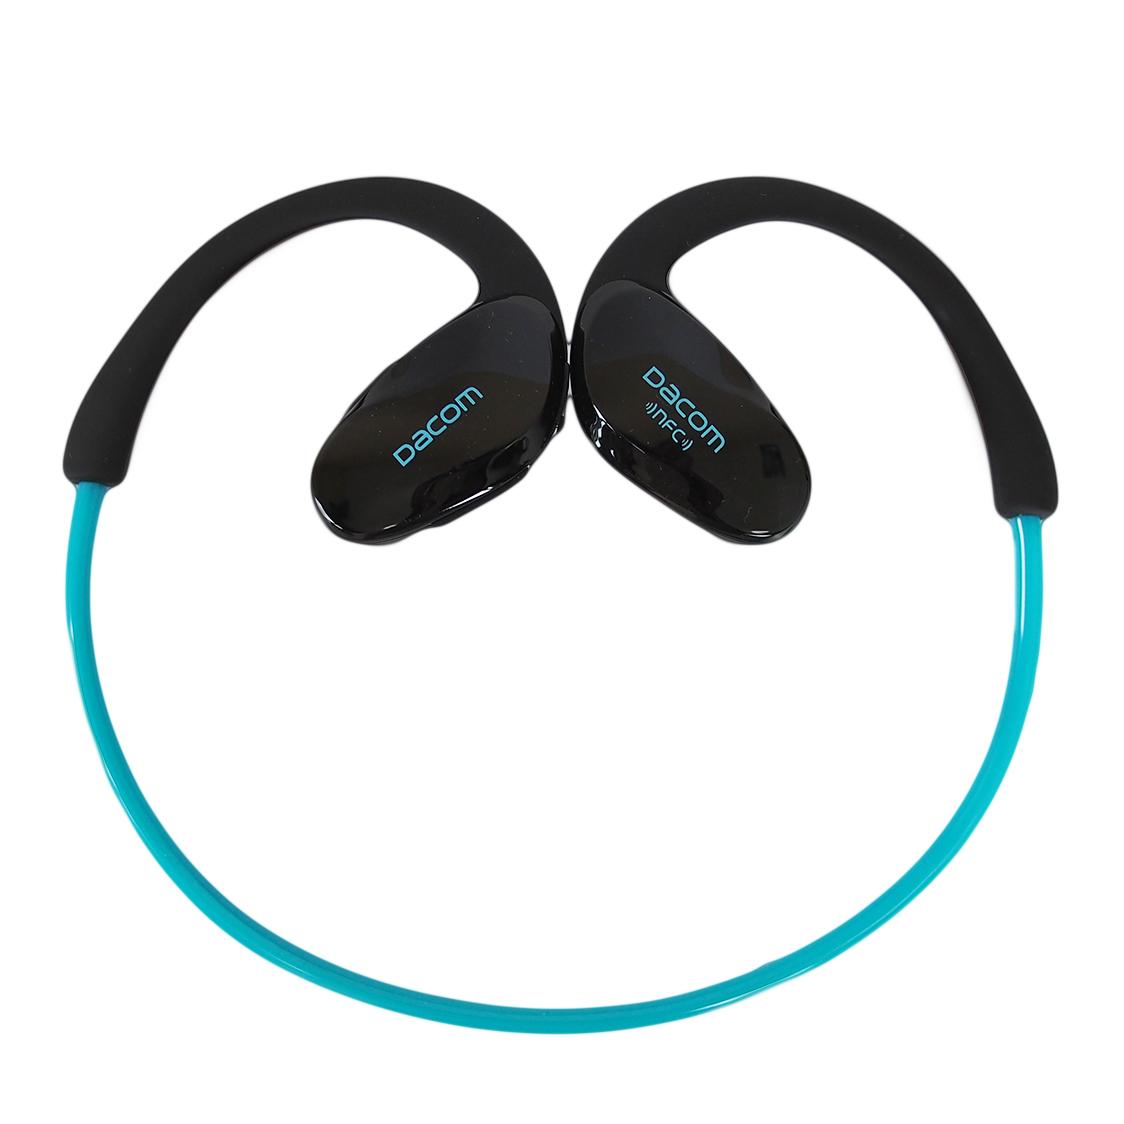 เครื่องเล่น MP3 Bluetooth สำหรับกีฬา